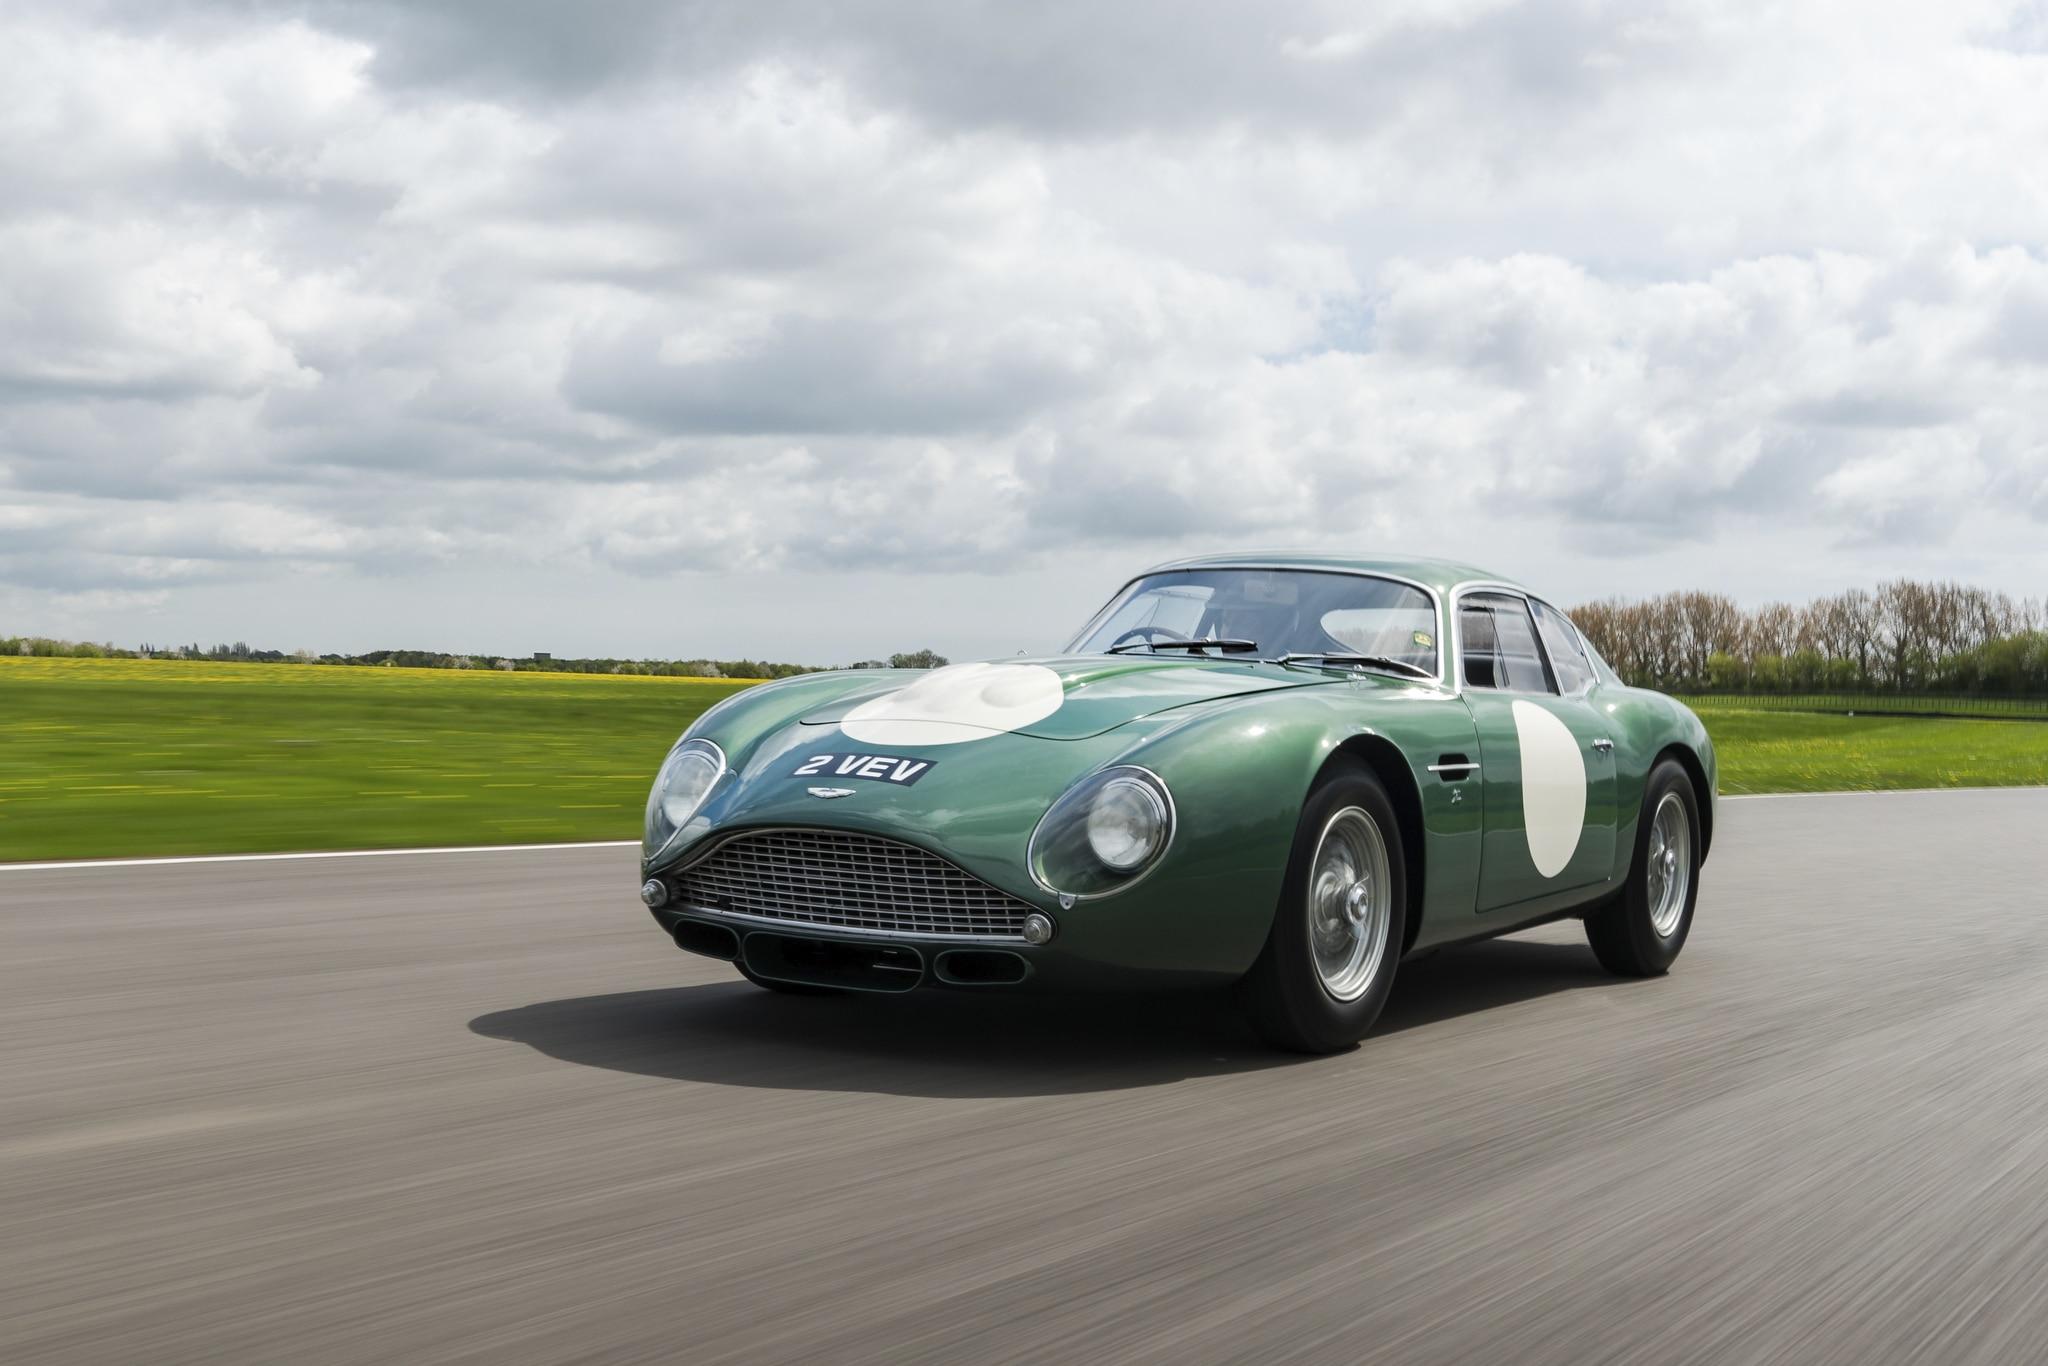 1961 Aston Martin Mp209 Db4gt Zagato Brings 13 302 239 In Record